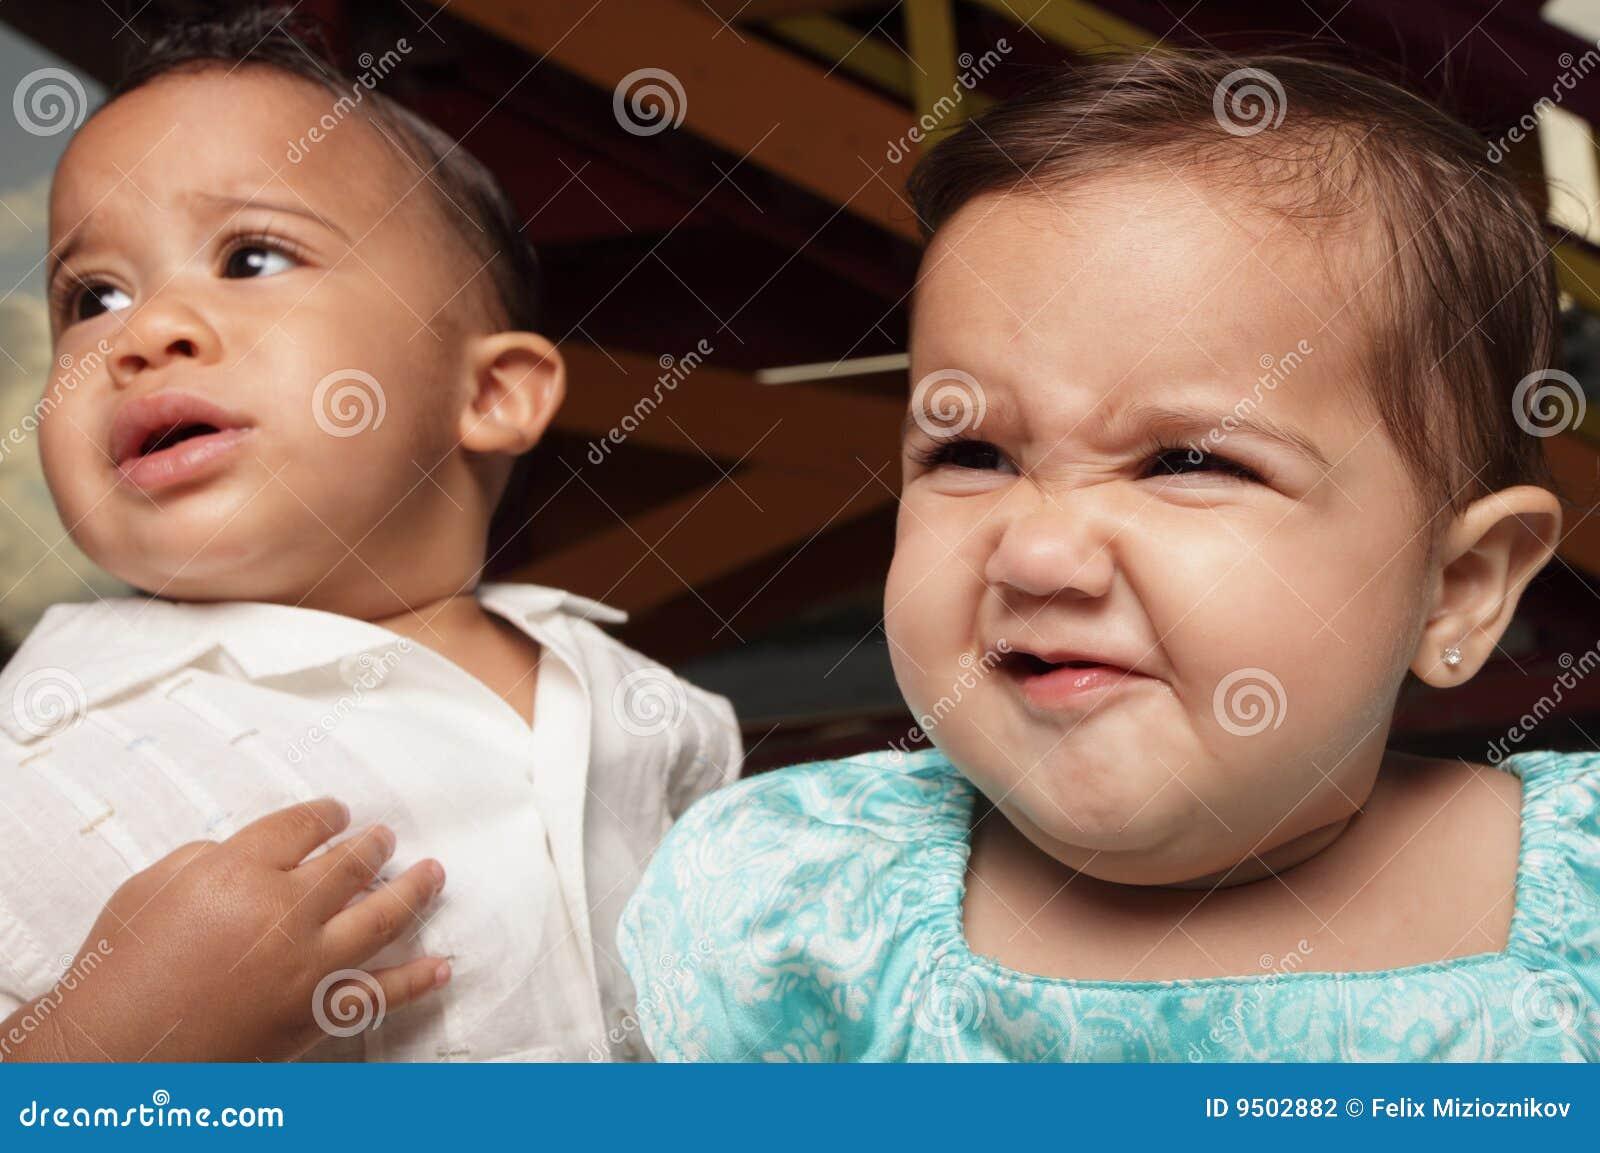 Babies facial expressions